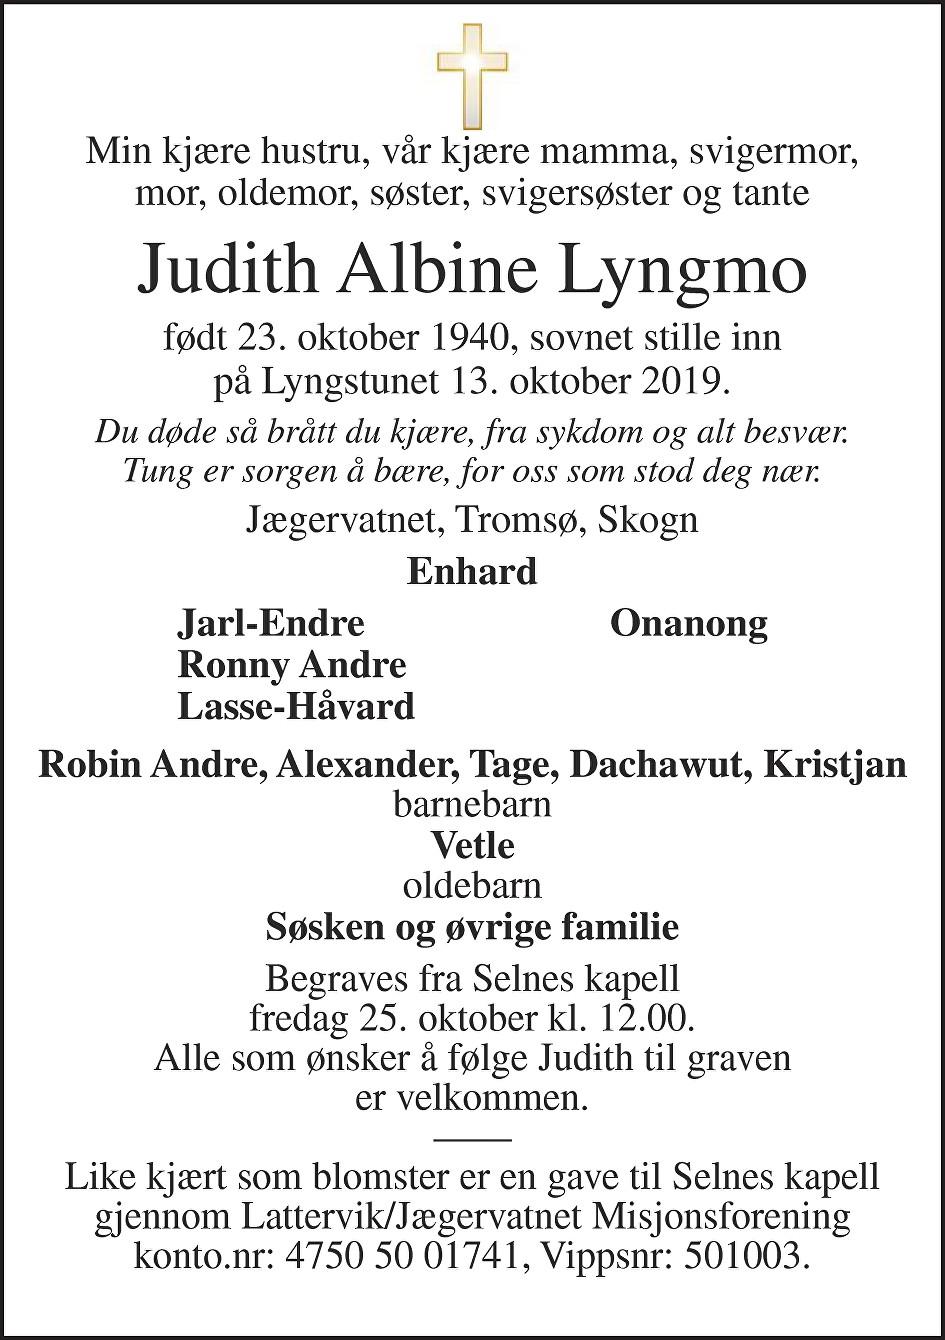 Judith Albine Lyngmo Dødsannonse